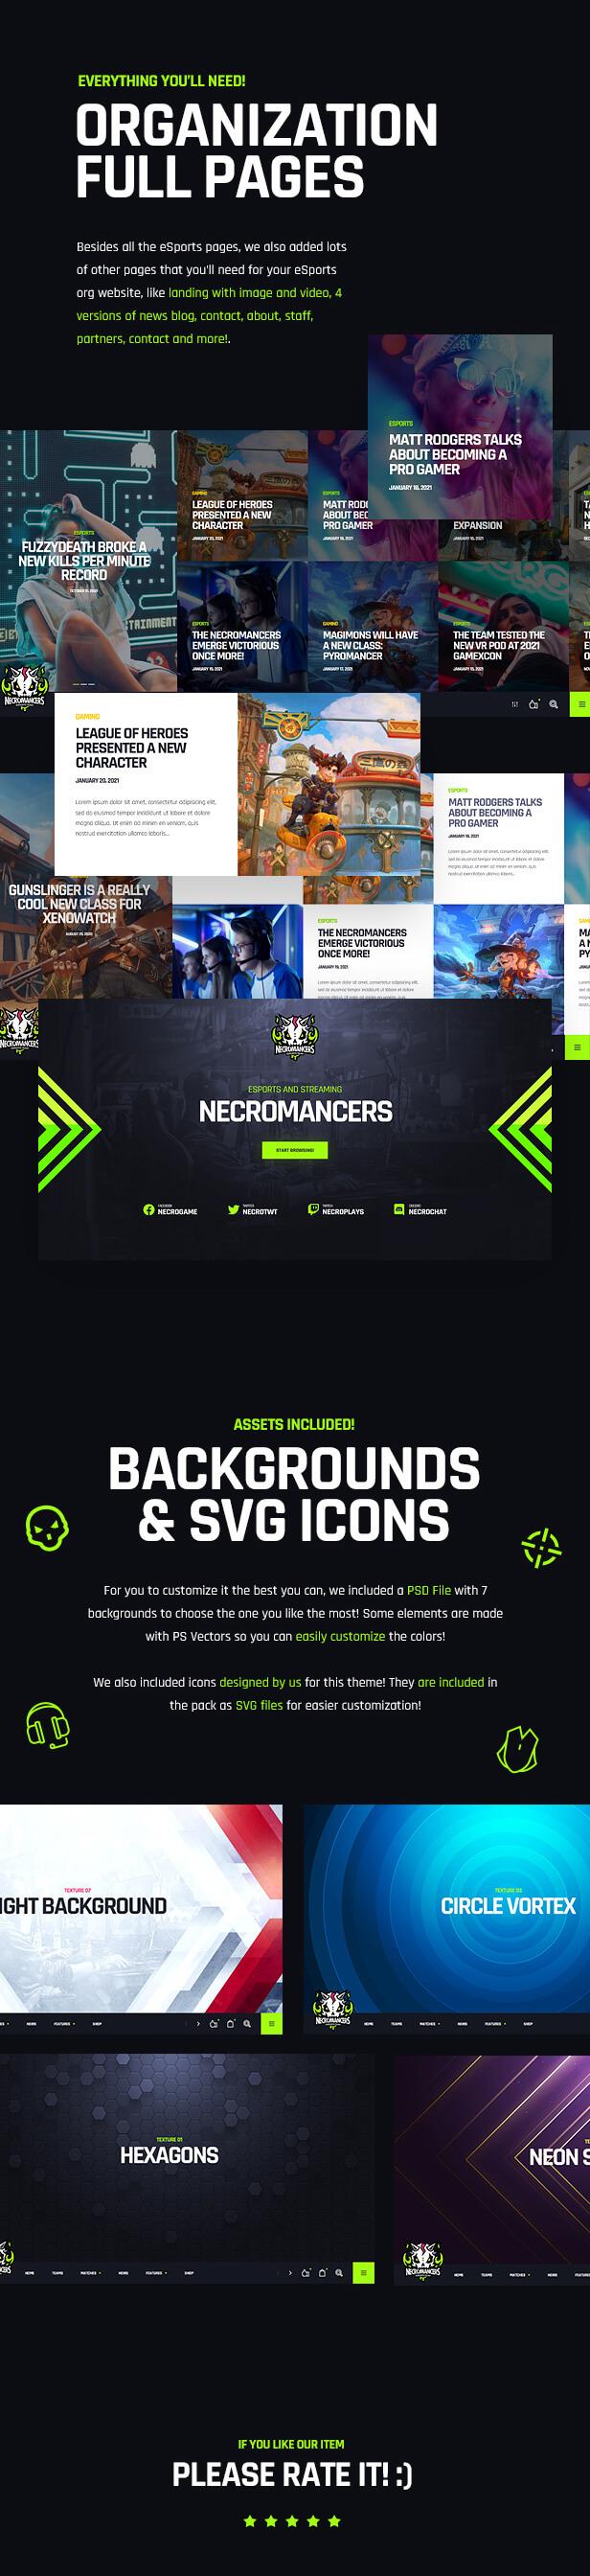 Necromancers - eSports & Gaming Team Free WordPress Theme